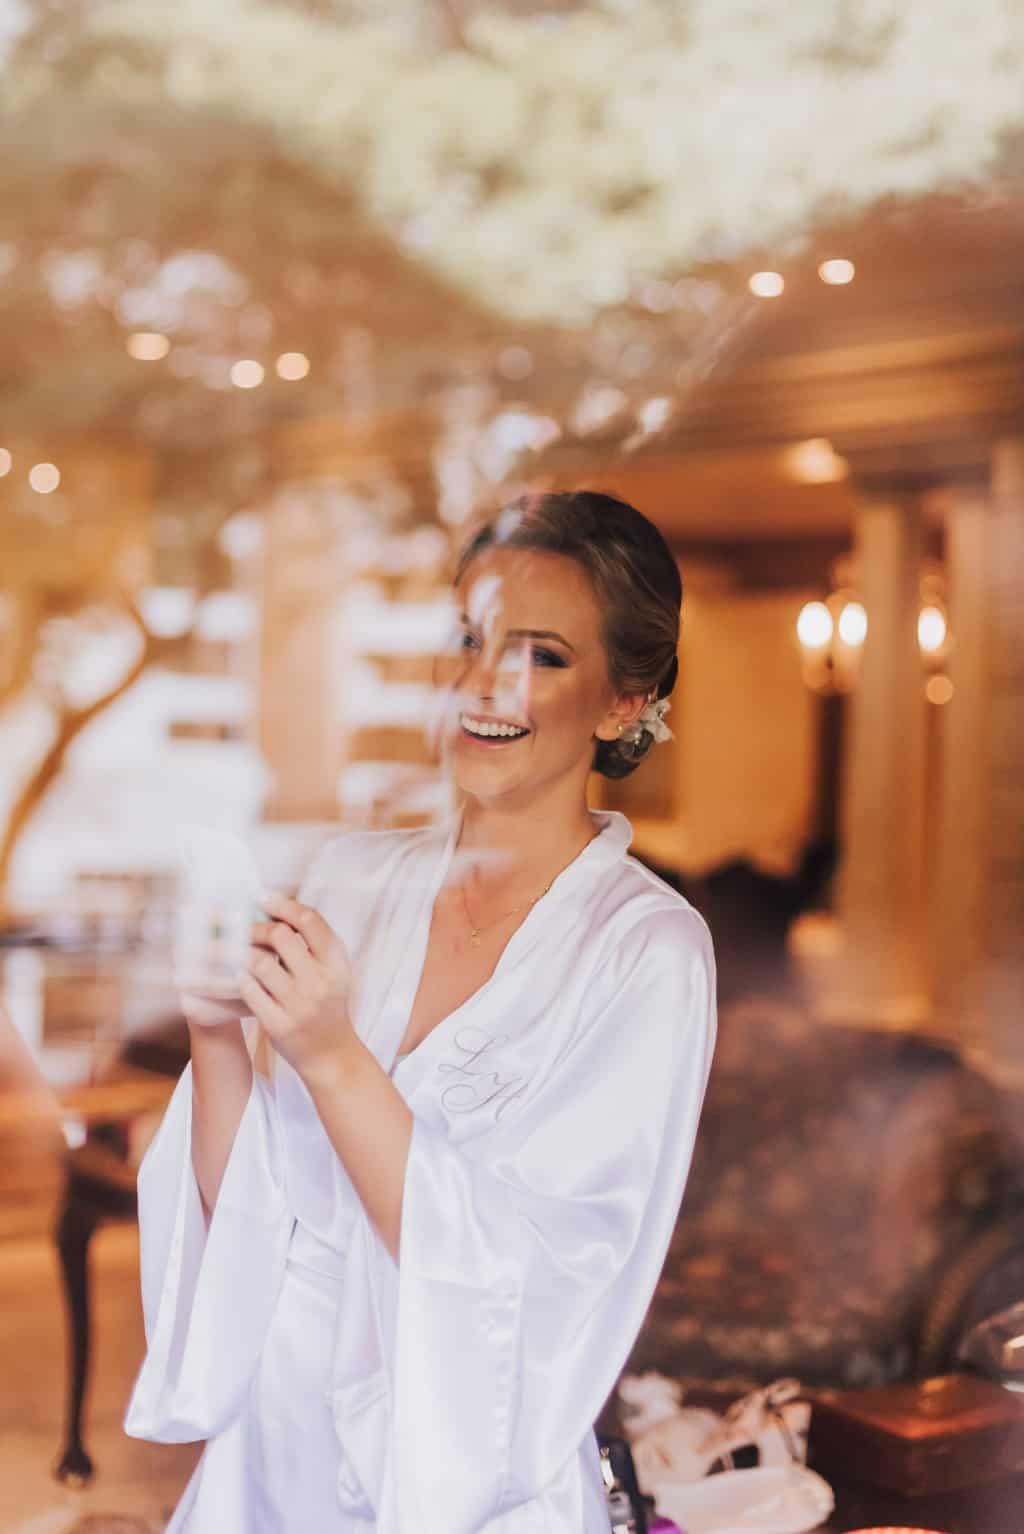 Braulio-Delai-casamento-Luciana-e-Eduardo-Cerimonial-Sandra-Colin-Fotografia-Mana-Gollo-Igreja-Santa-Terezinha-e-Espaço-Klaine-making-of3